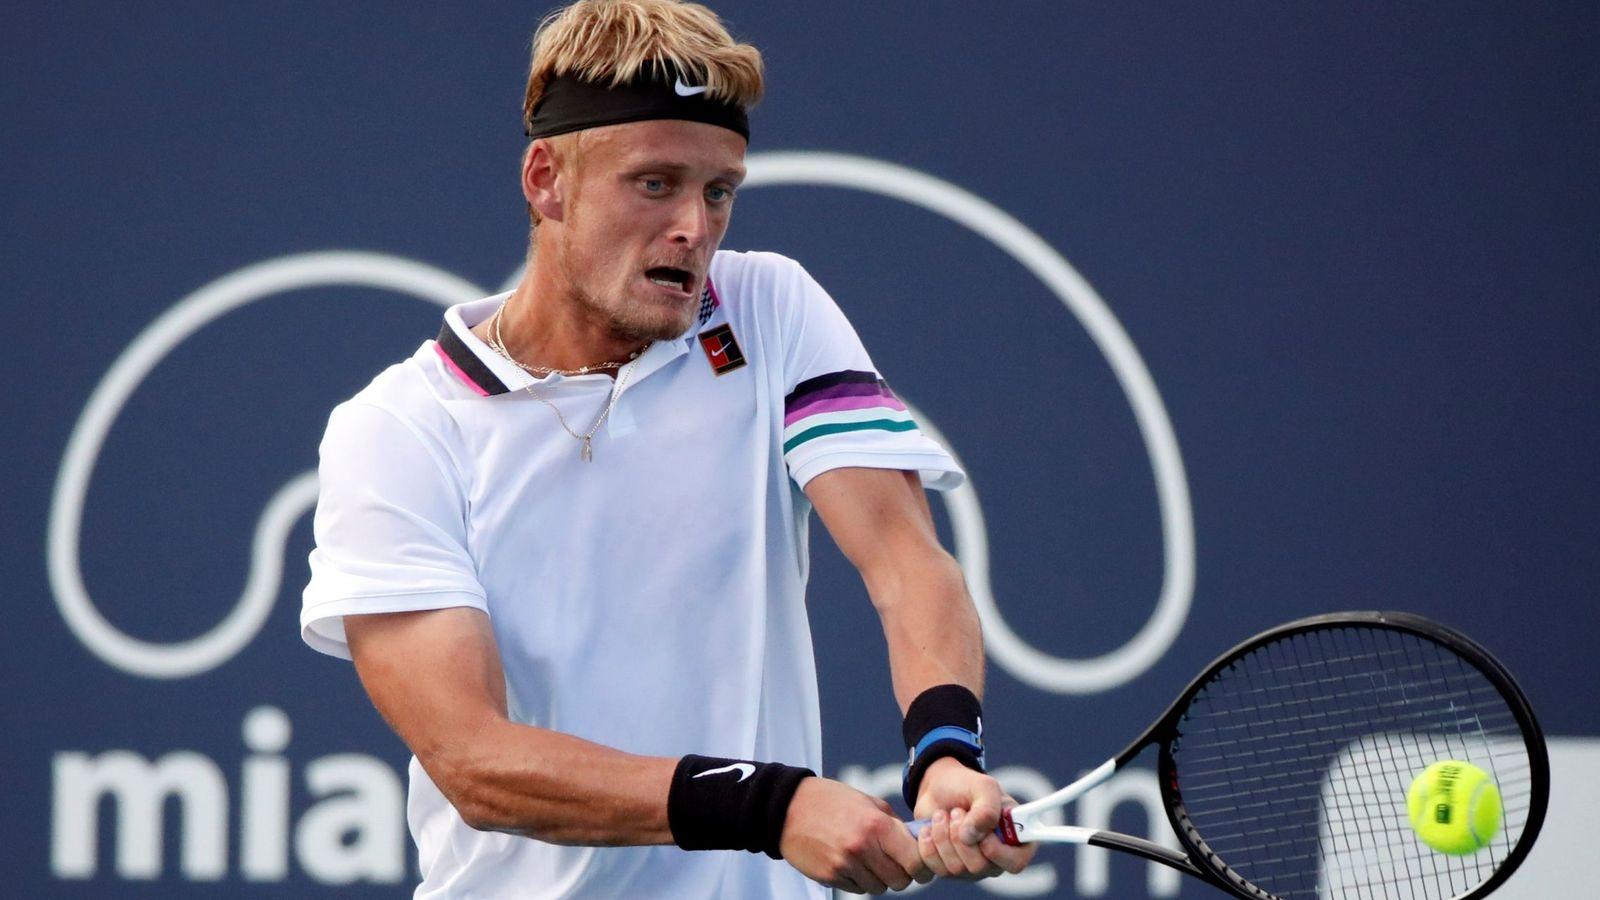 Foto: Nicola Kuhn disputa un punto en el Open de Miami. (EFE)